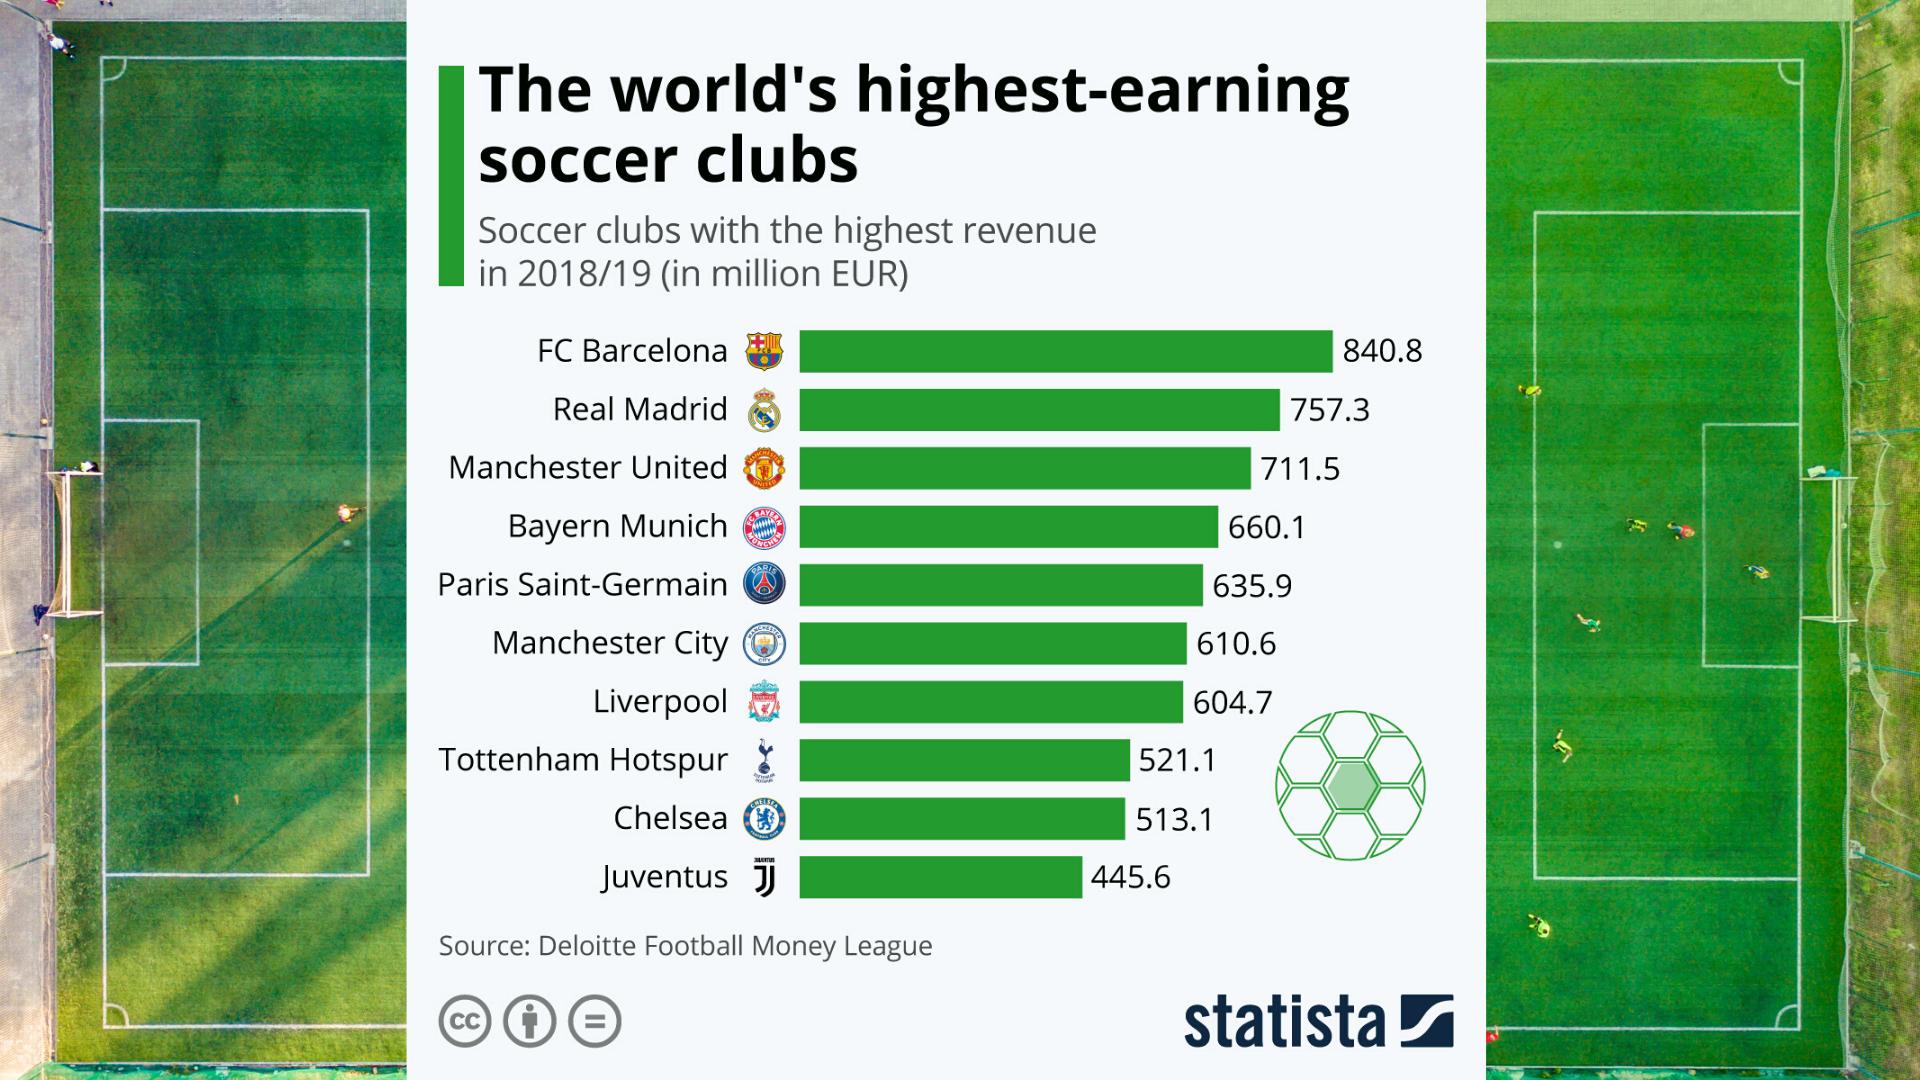 Die Reichsten Fußballclubs Der Welt